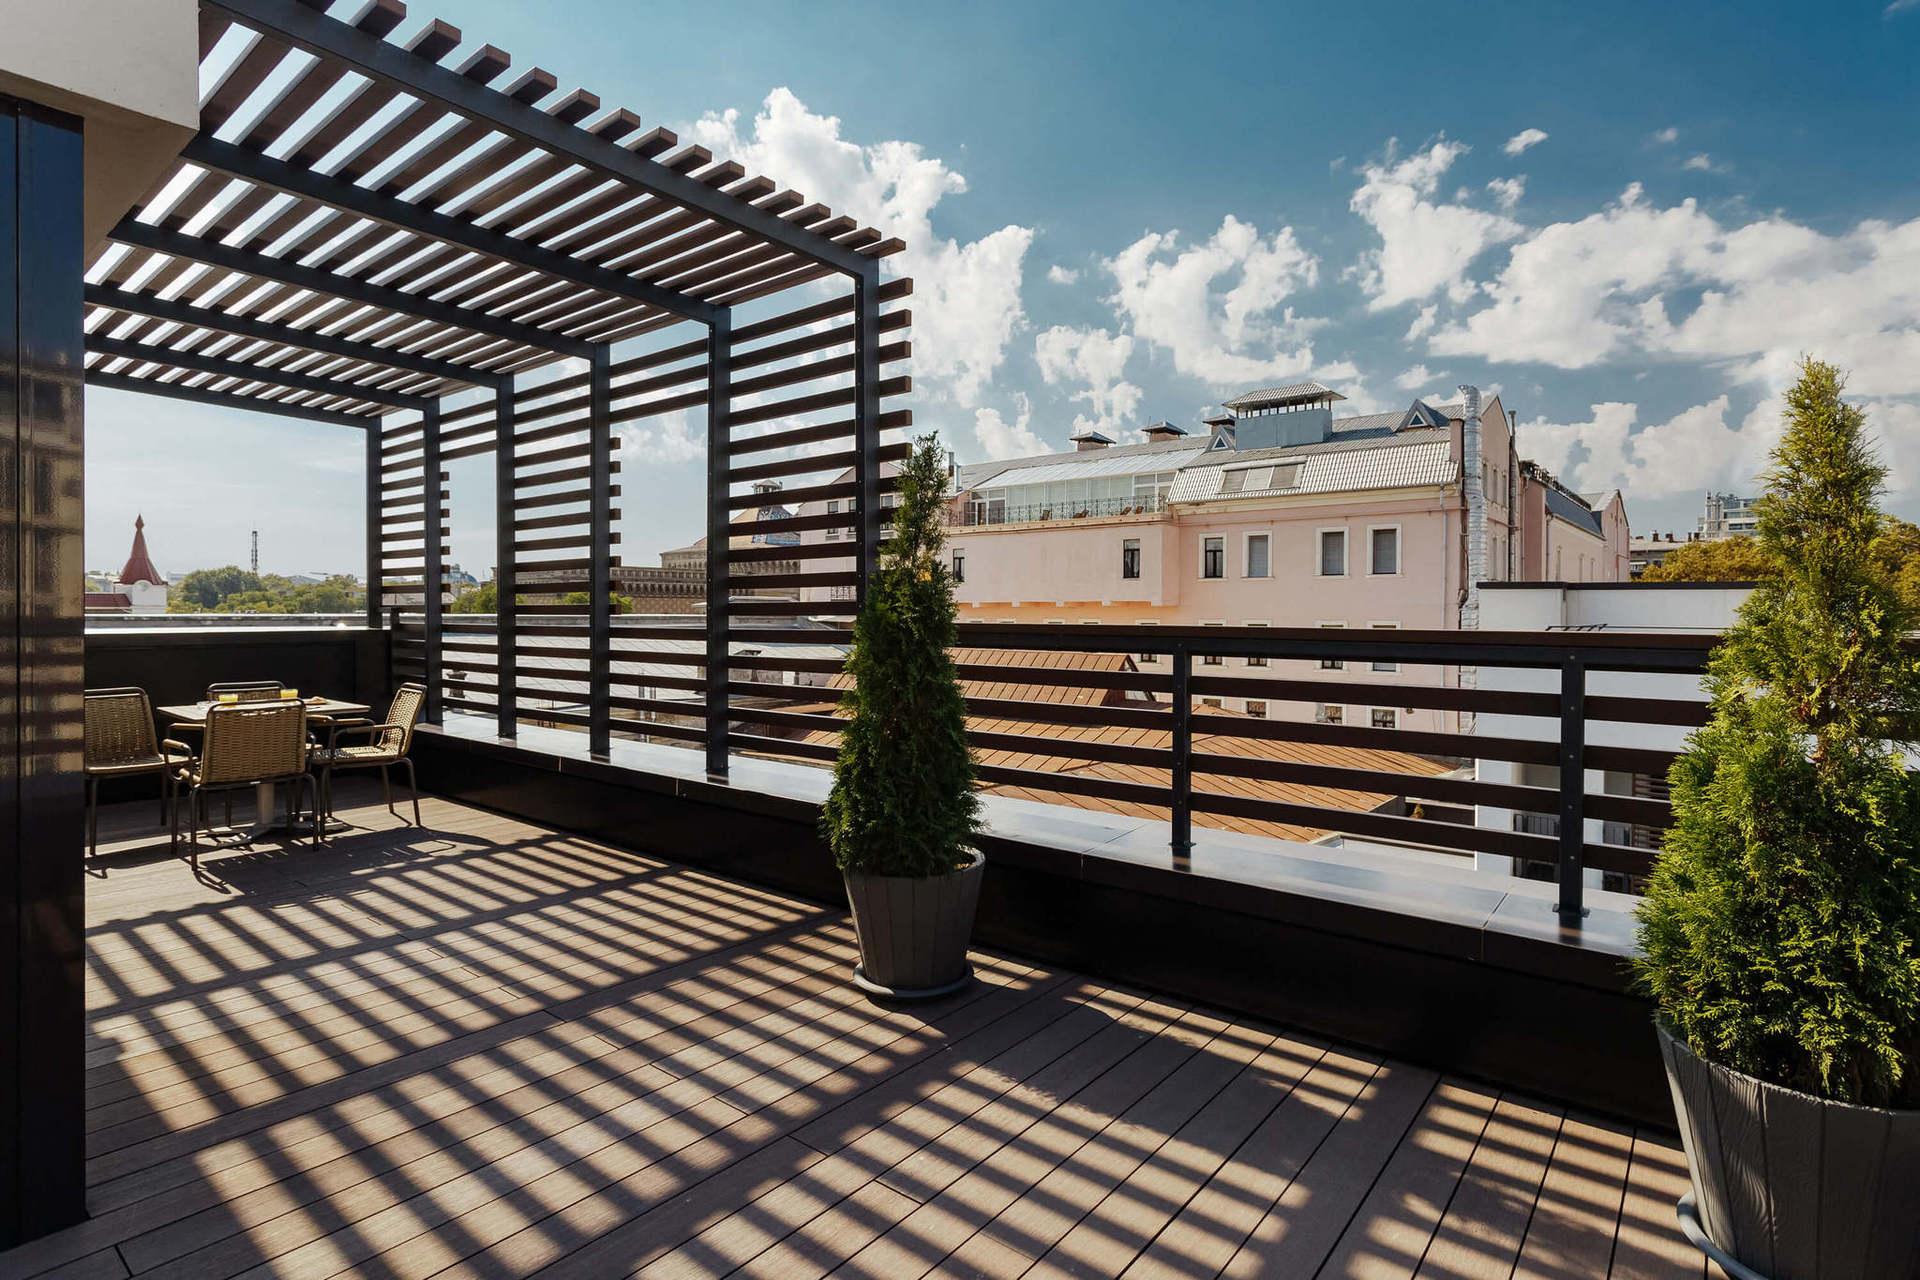 PENTHOUSE APARTMENT  - особливі апартаменти з панорамним  видом на місто, в яких можна проводити приватні вечірки.